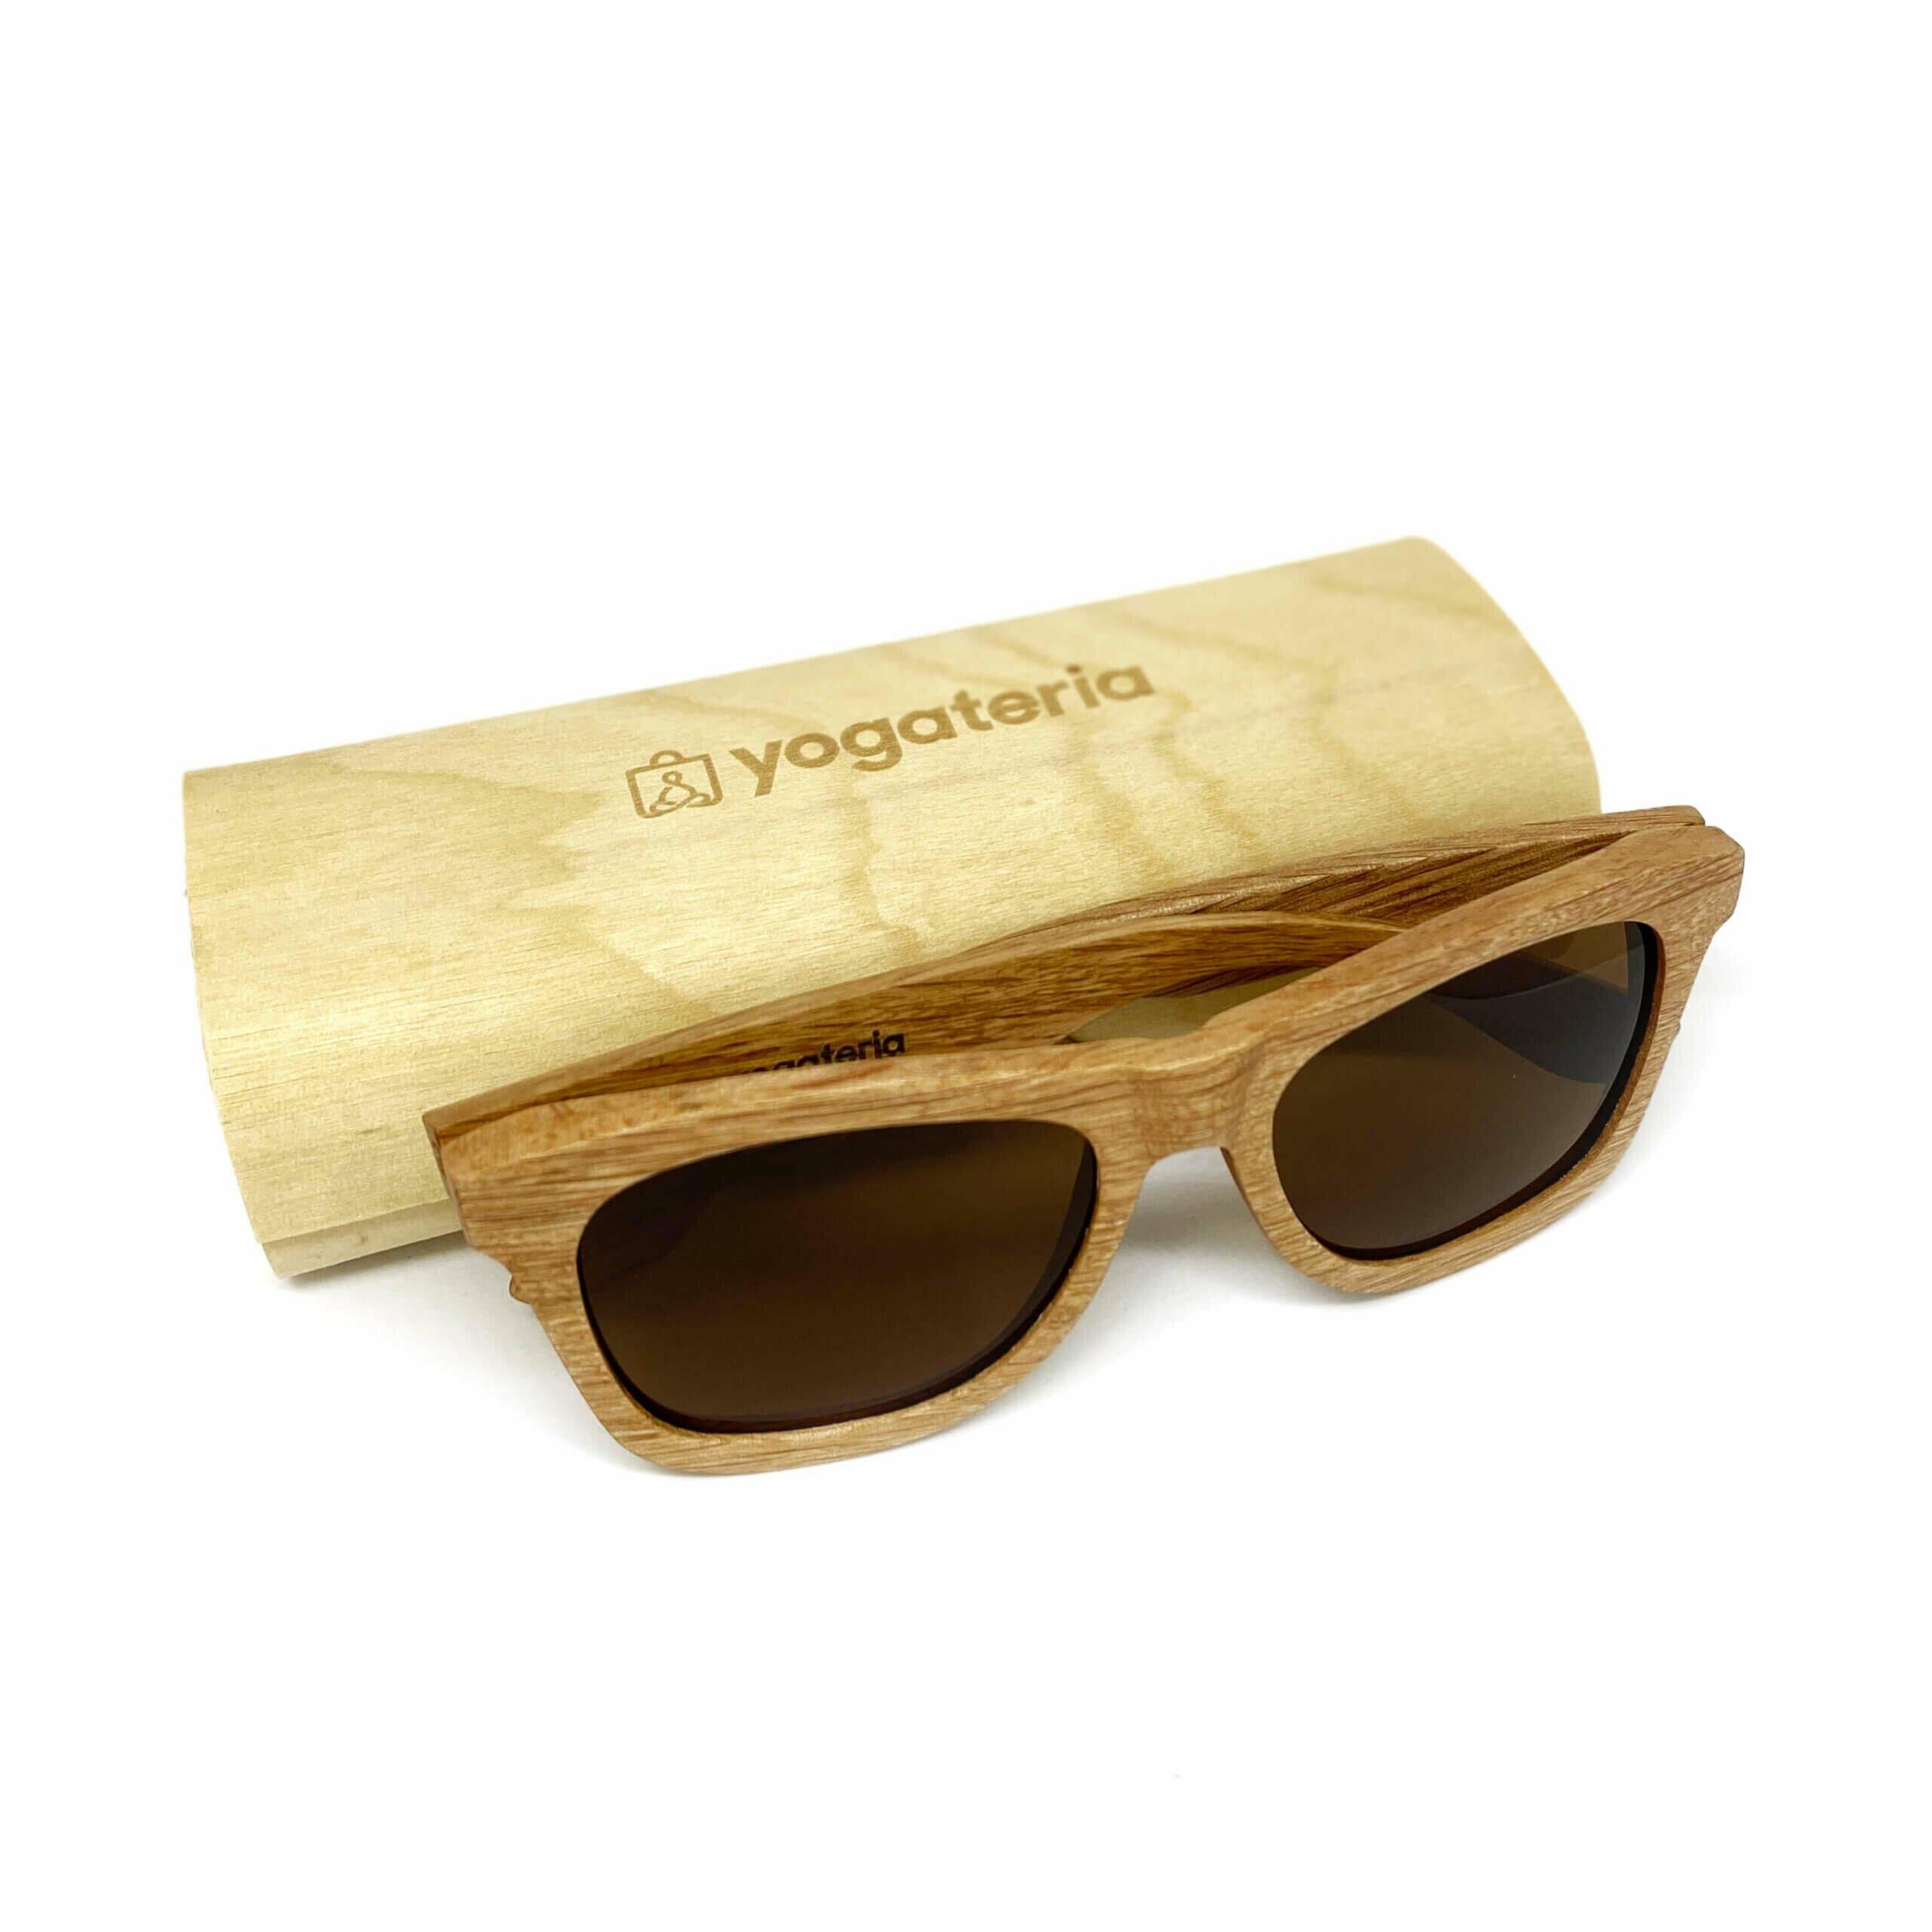 oculos-madeira-yogateria-noronha-5